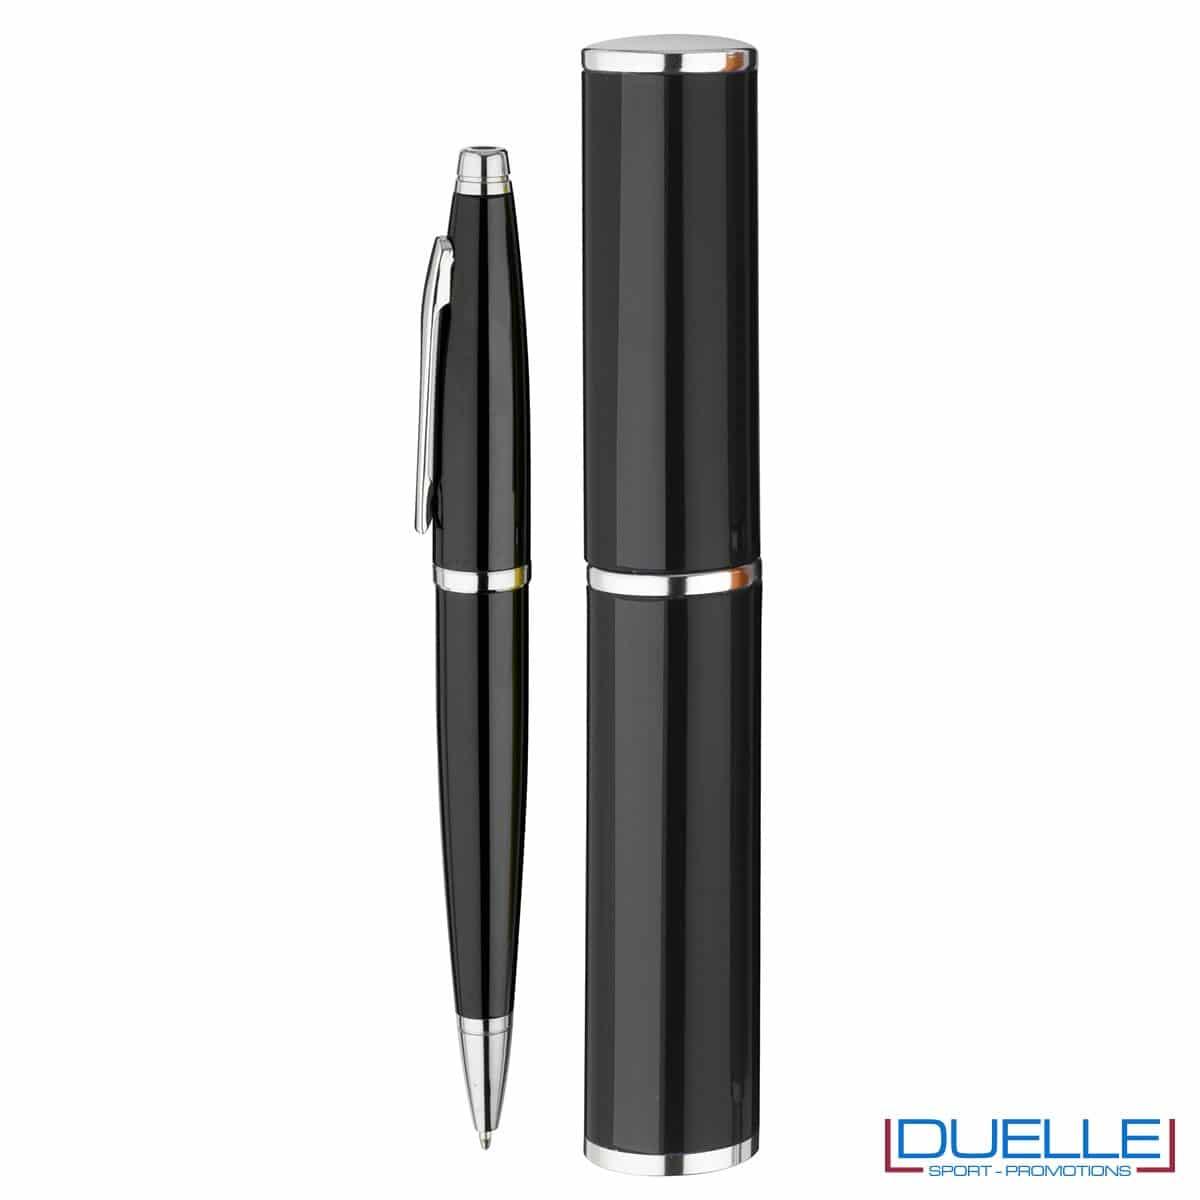 penna personalizzata in alluminio colore nero confezionata in cilindro regalo